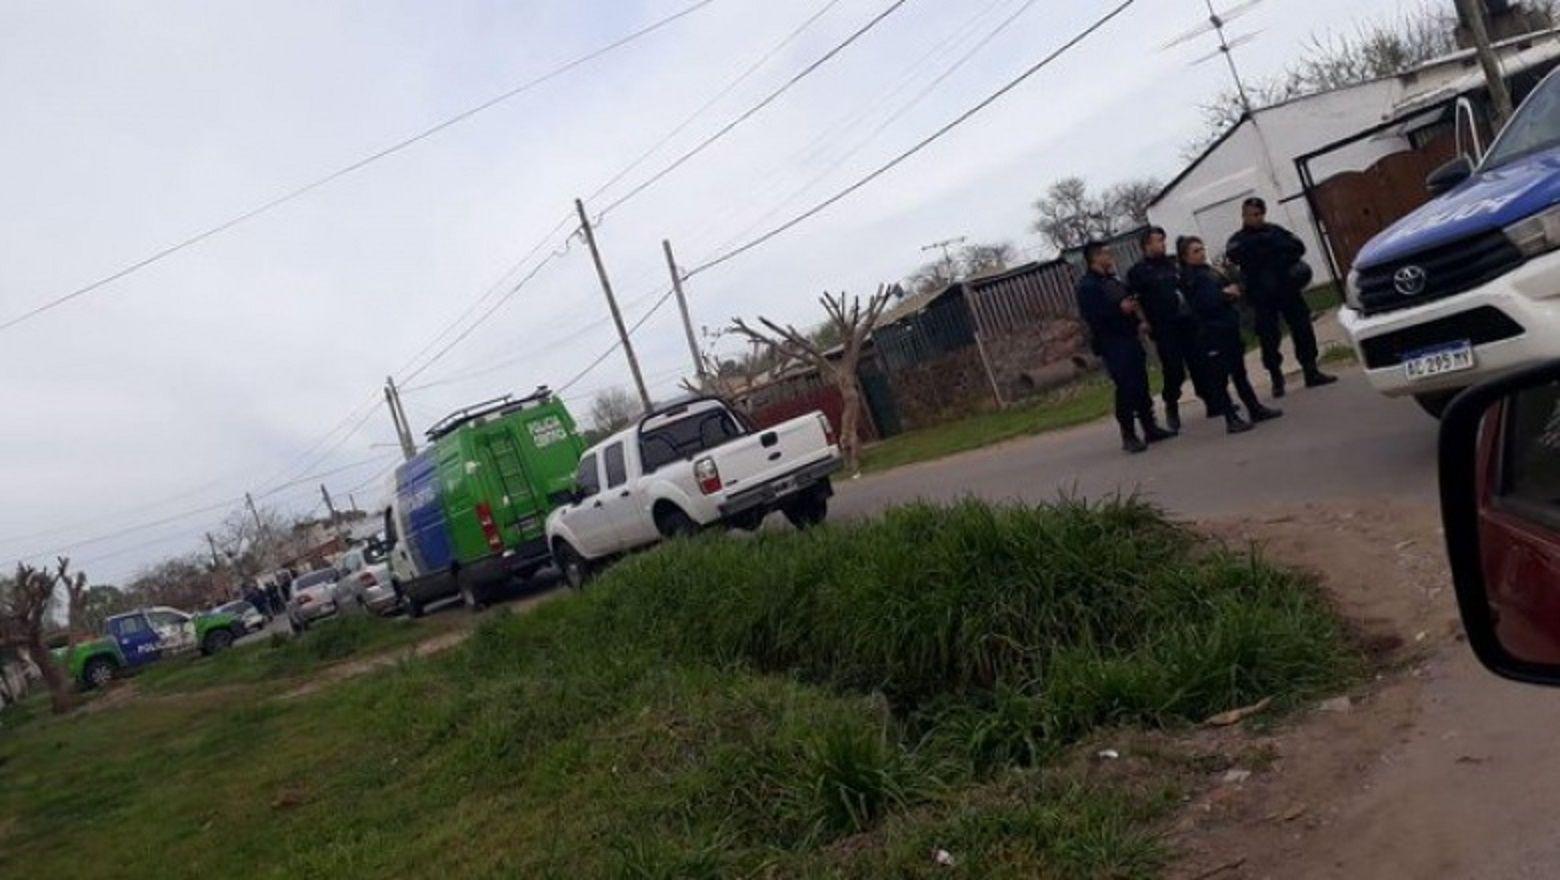 Un hombre se atrincheró con un nene en una casa en Los Hornos. Foto: El editor platense